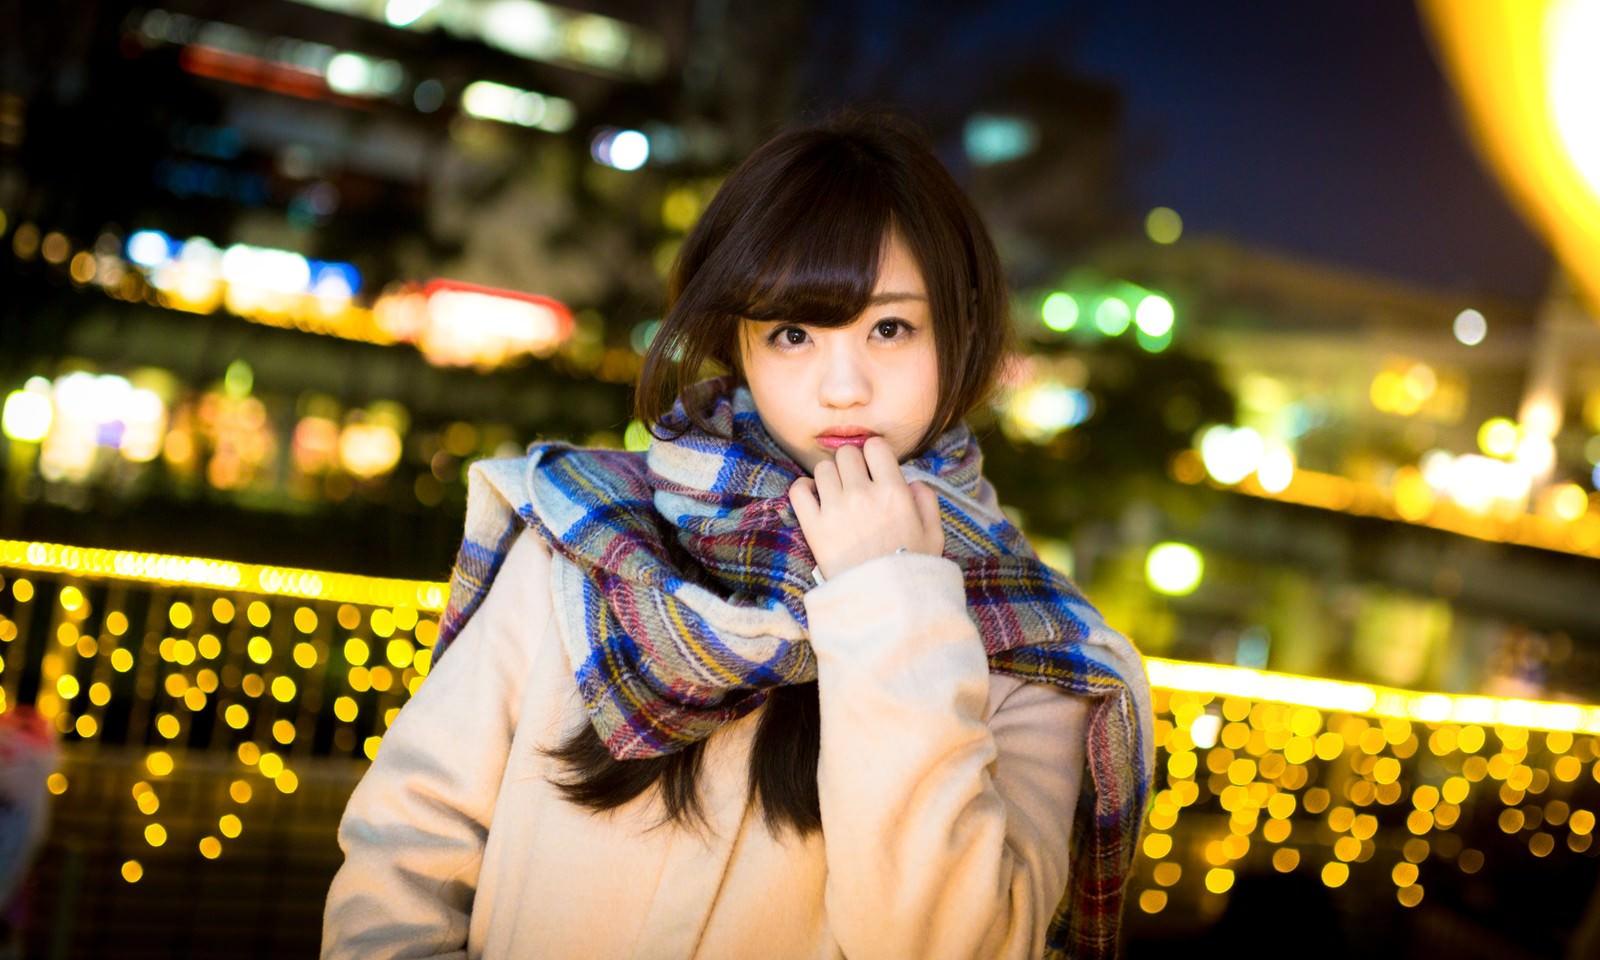 「駅前で彼女と待ち合わせ(冬)」の写真[モデル:河村友歌]